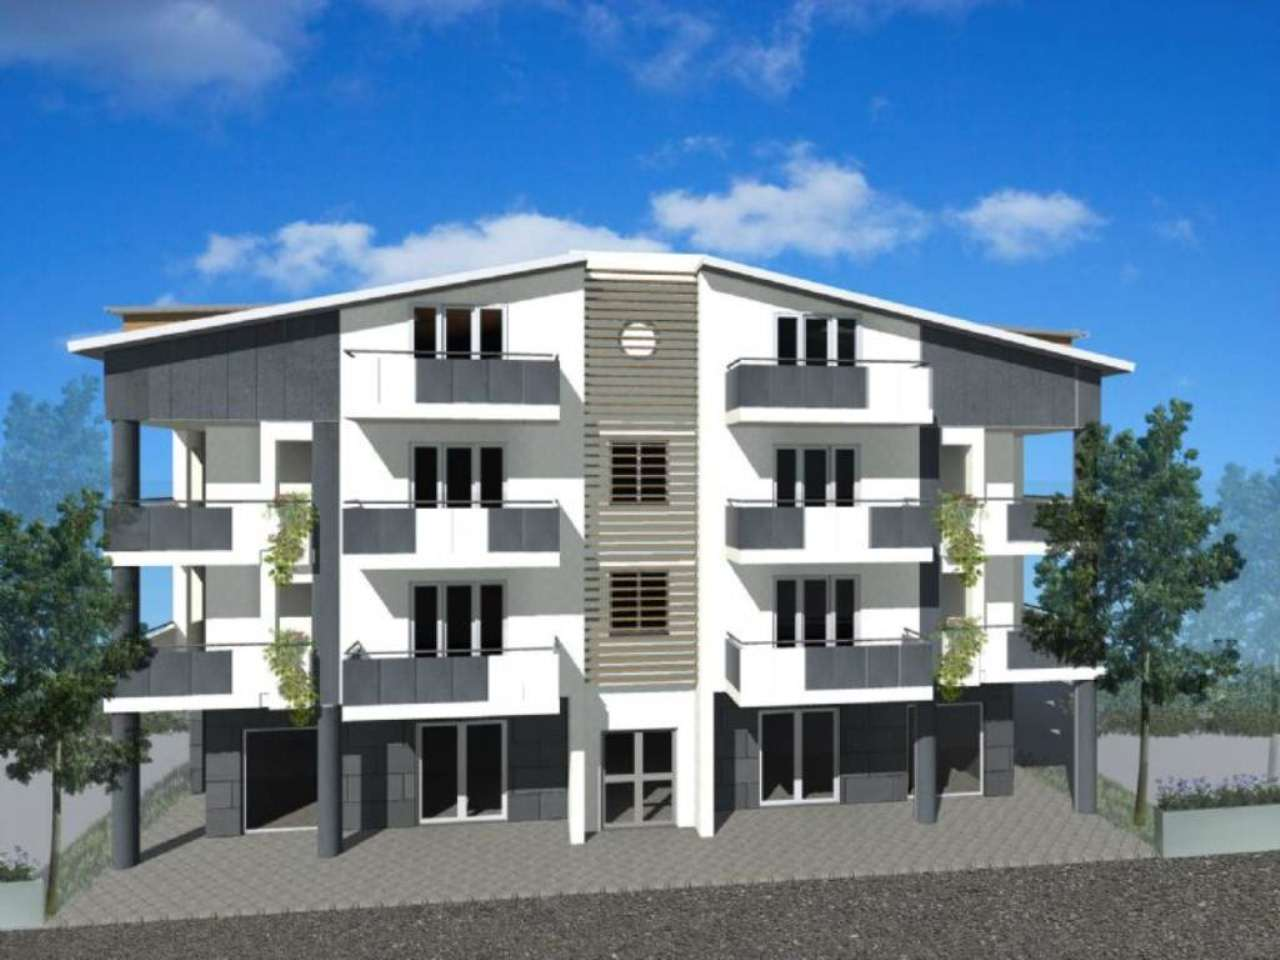 Appartamento in vendita a Mugnano di Napoli, 3 locali, prezzo € 225.000 | Cambio Casa.it